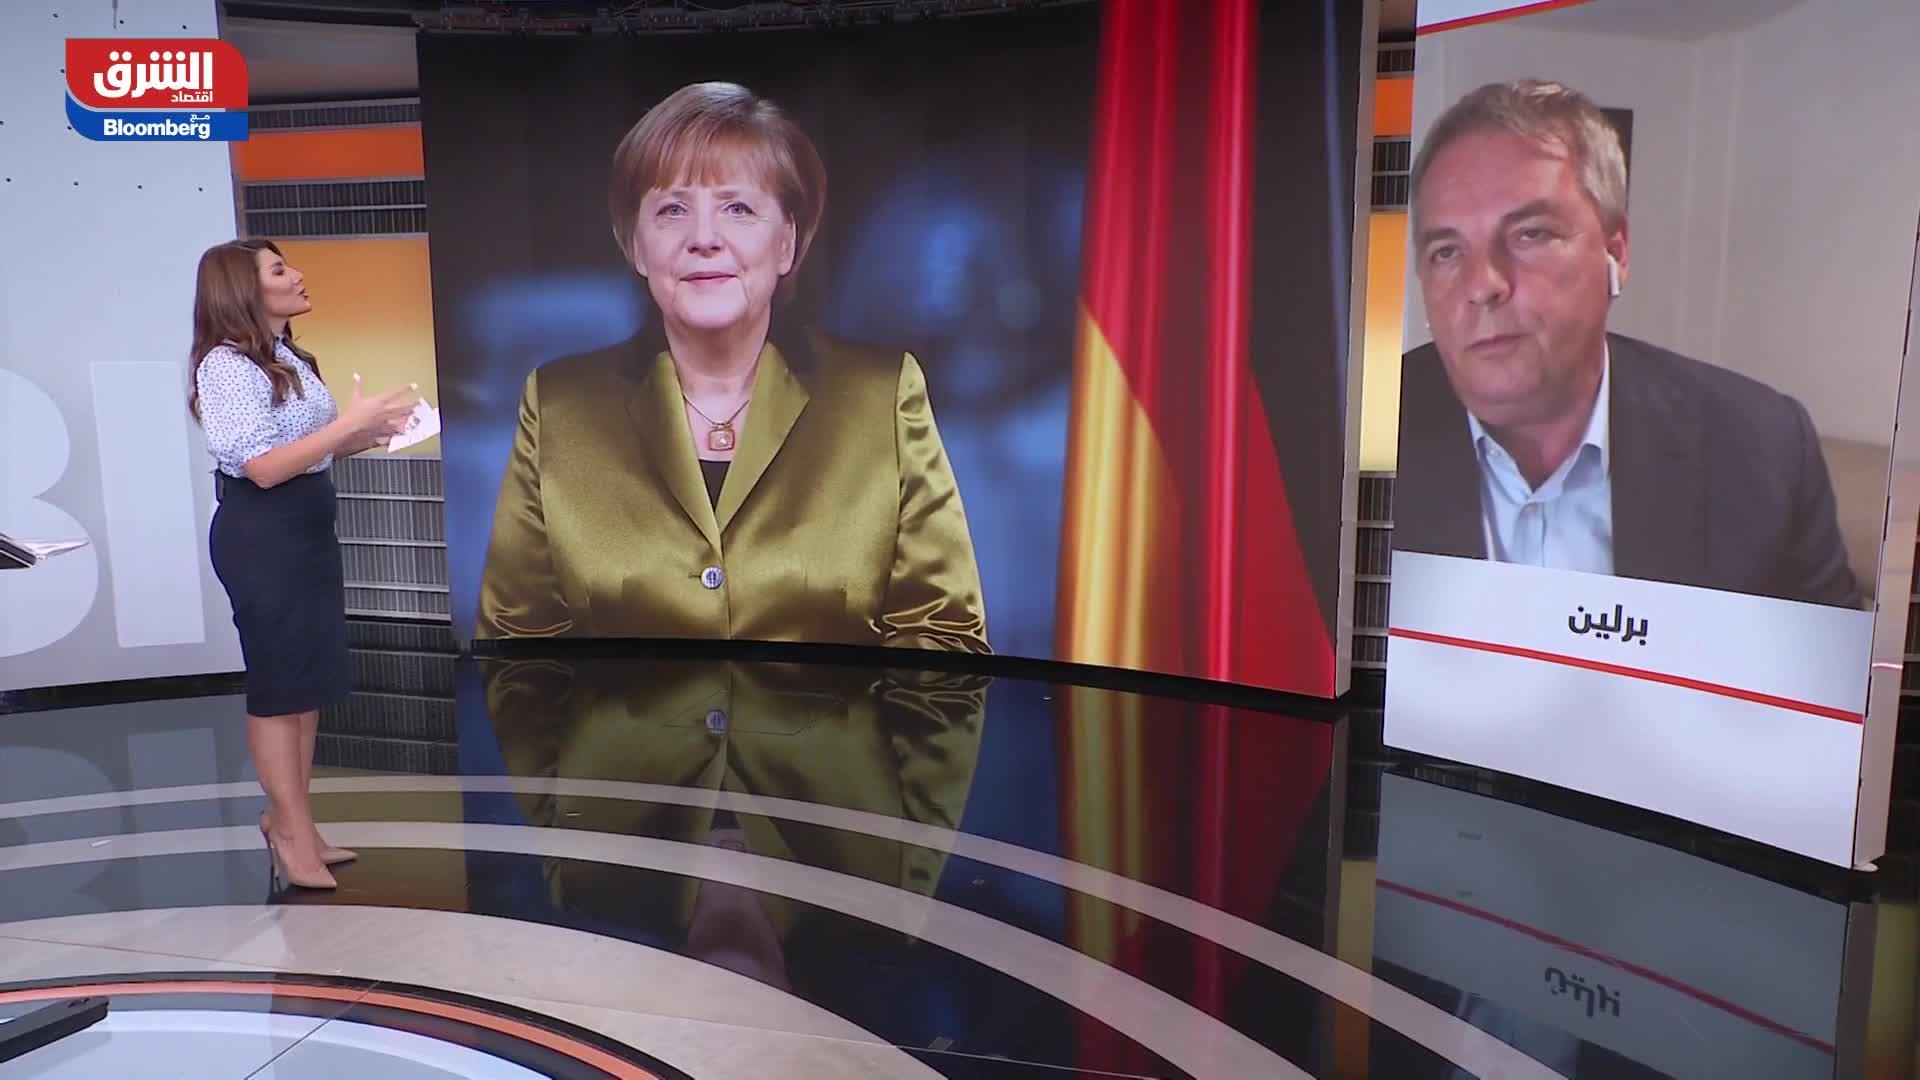 هل موقع ألمانيا في قيادة الاتحاد الأوروبي مهدد برحيل ميركل؟